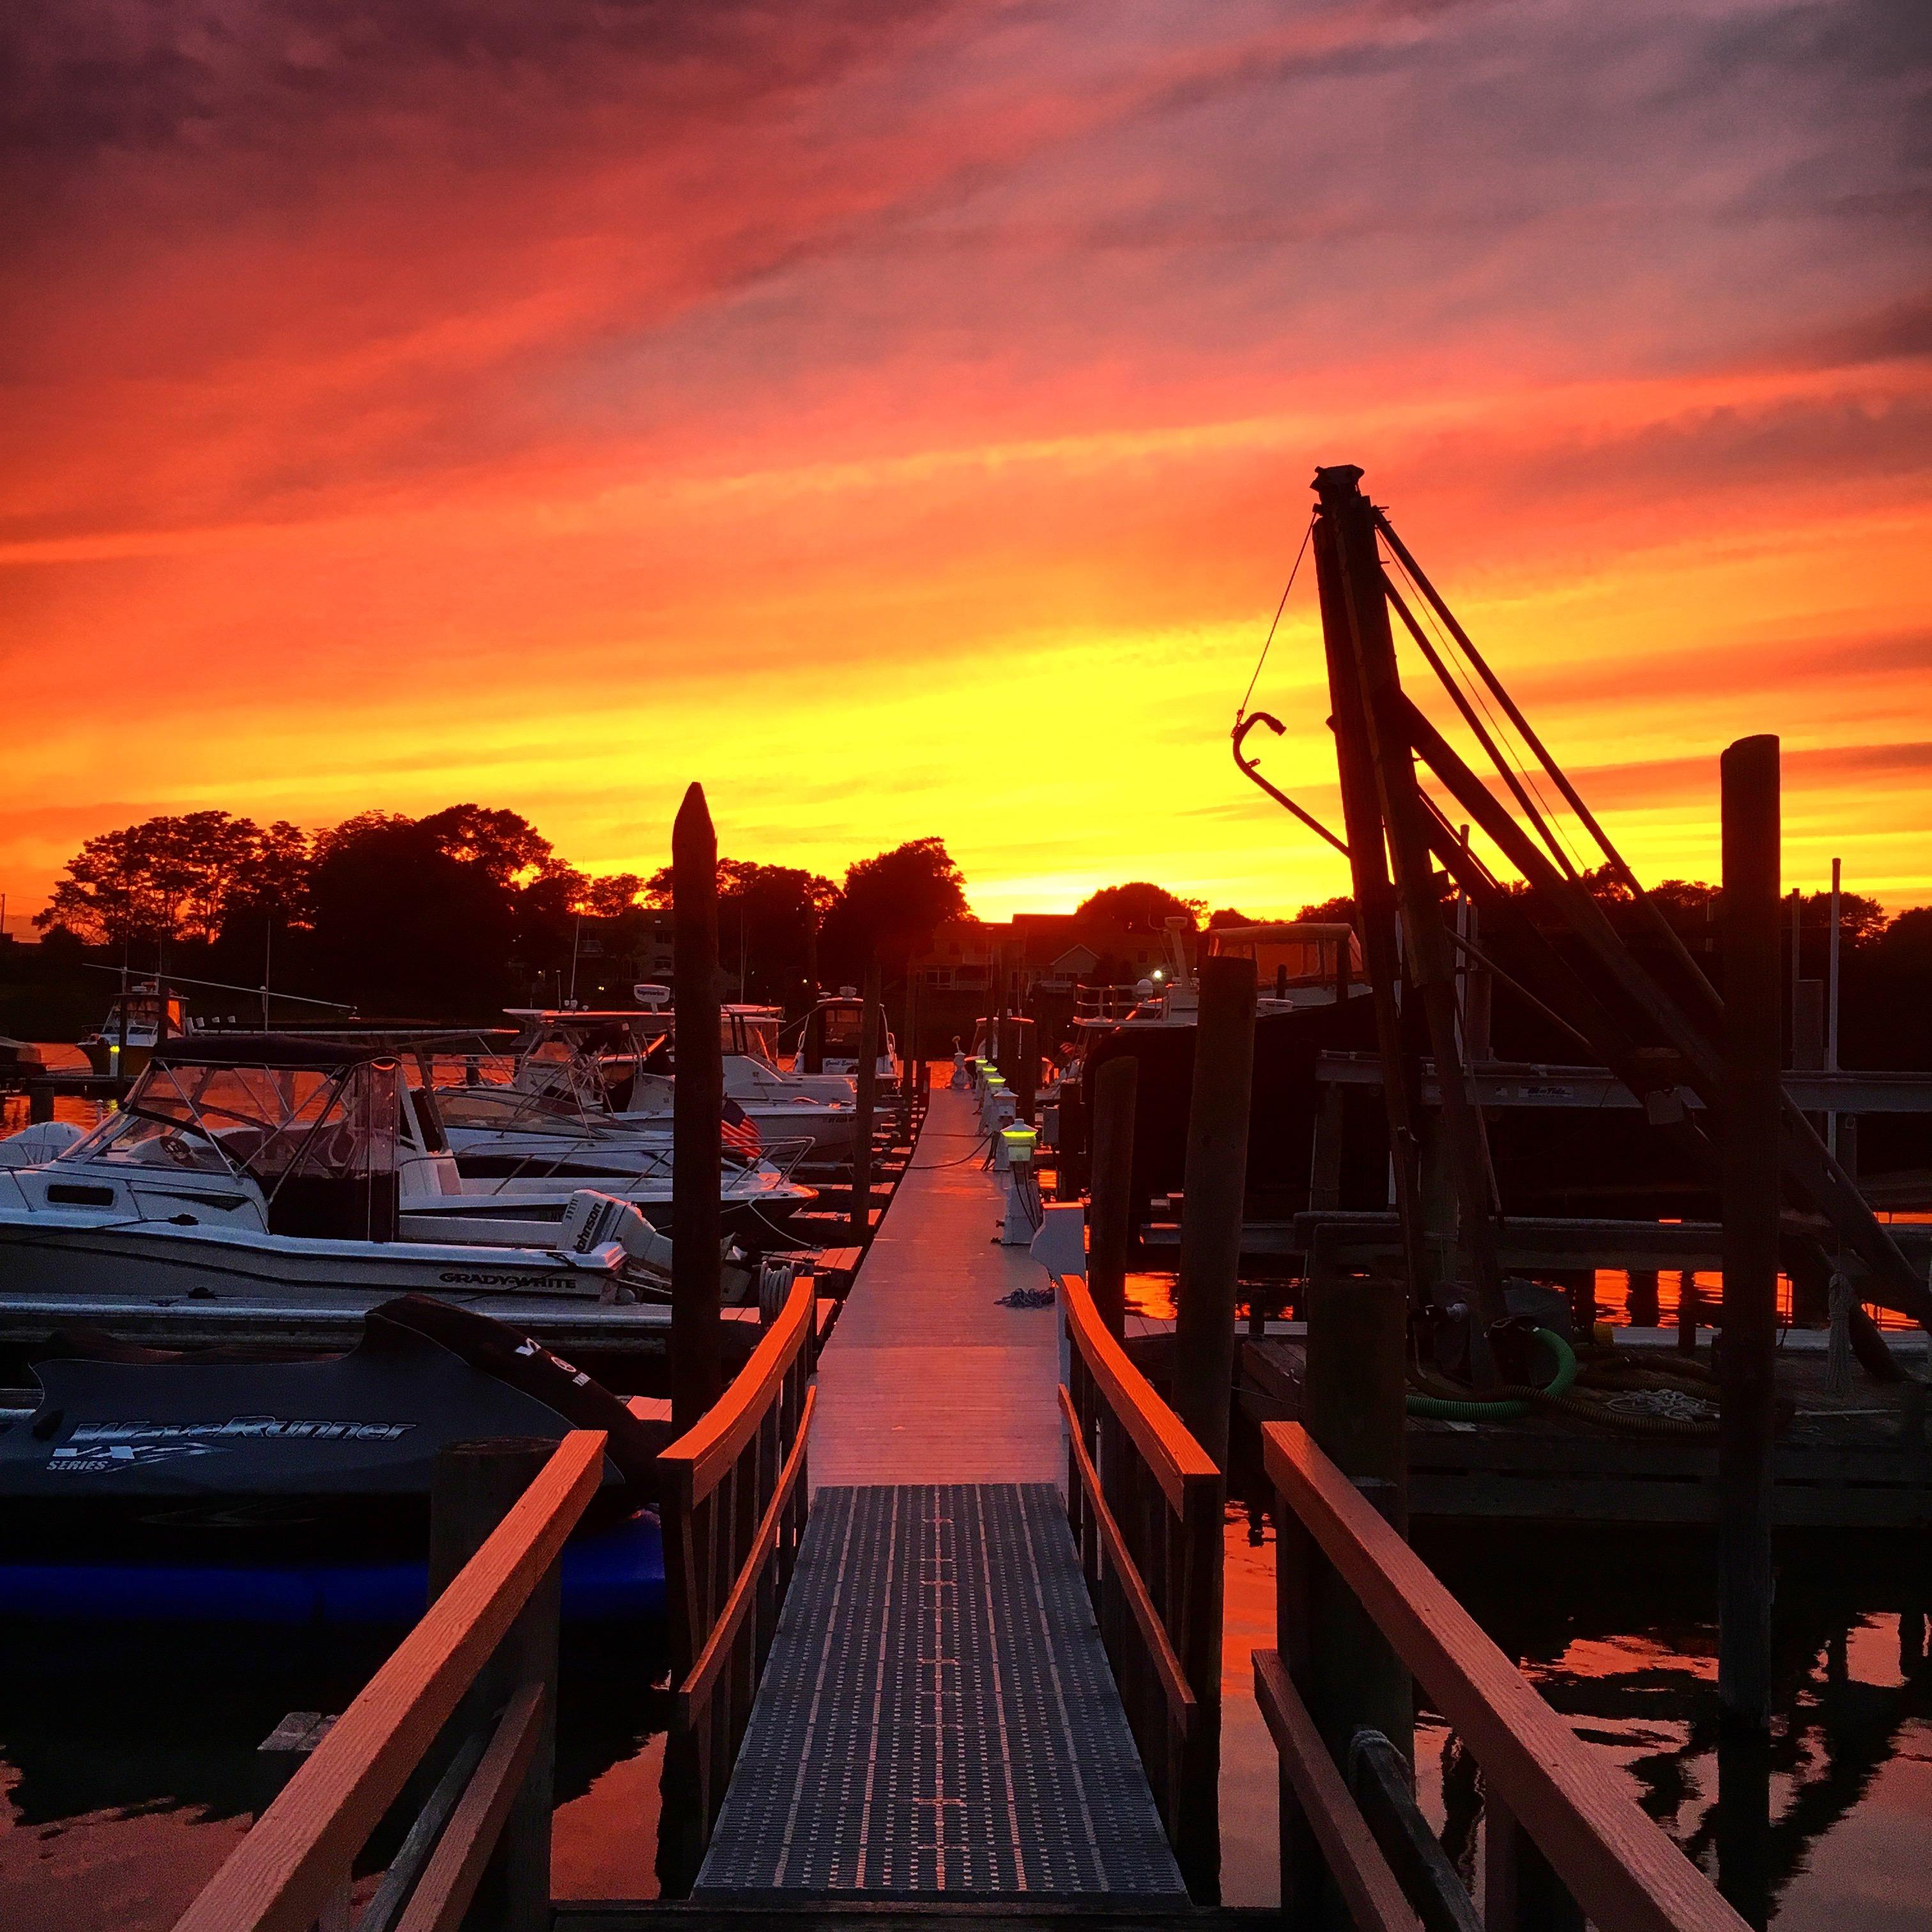 Sunset of Remsenberg Marina